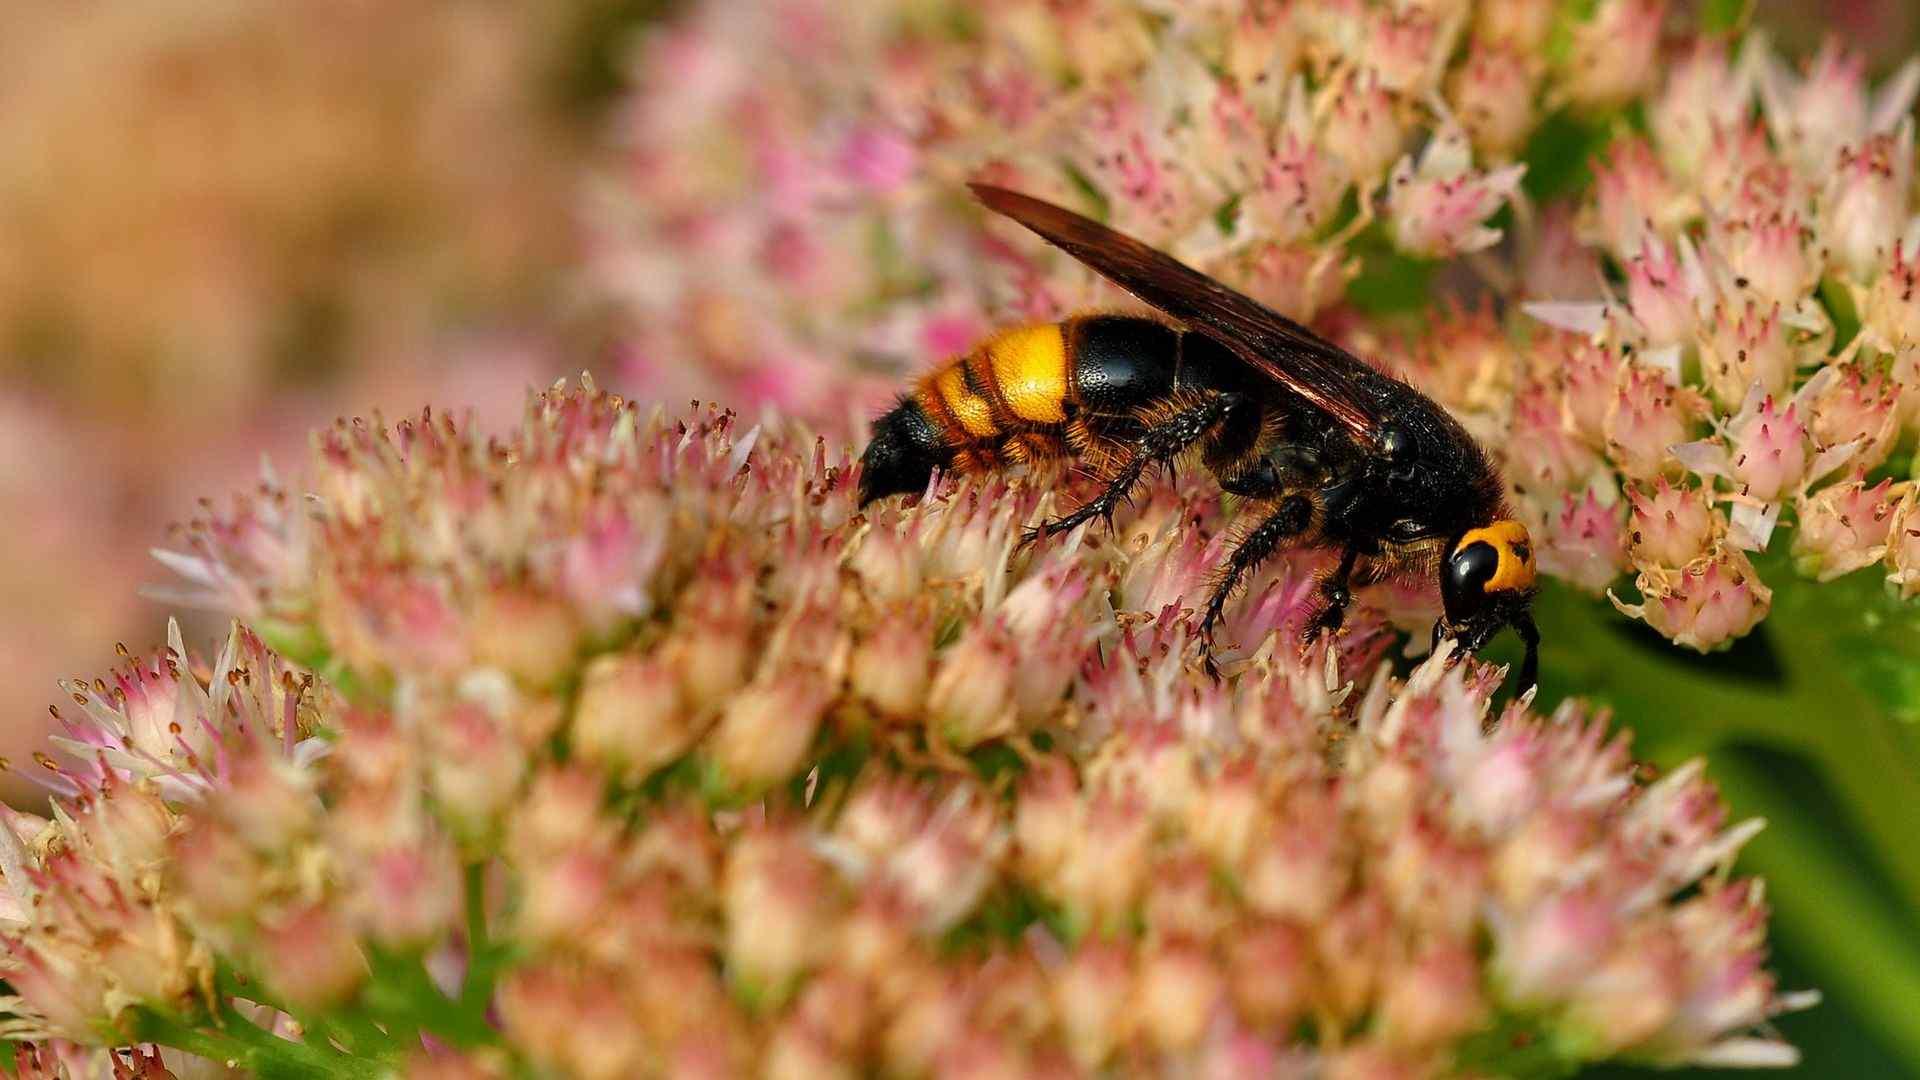 花丛中的蜜蜂清新自然图片高清电脑壁纸